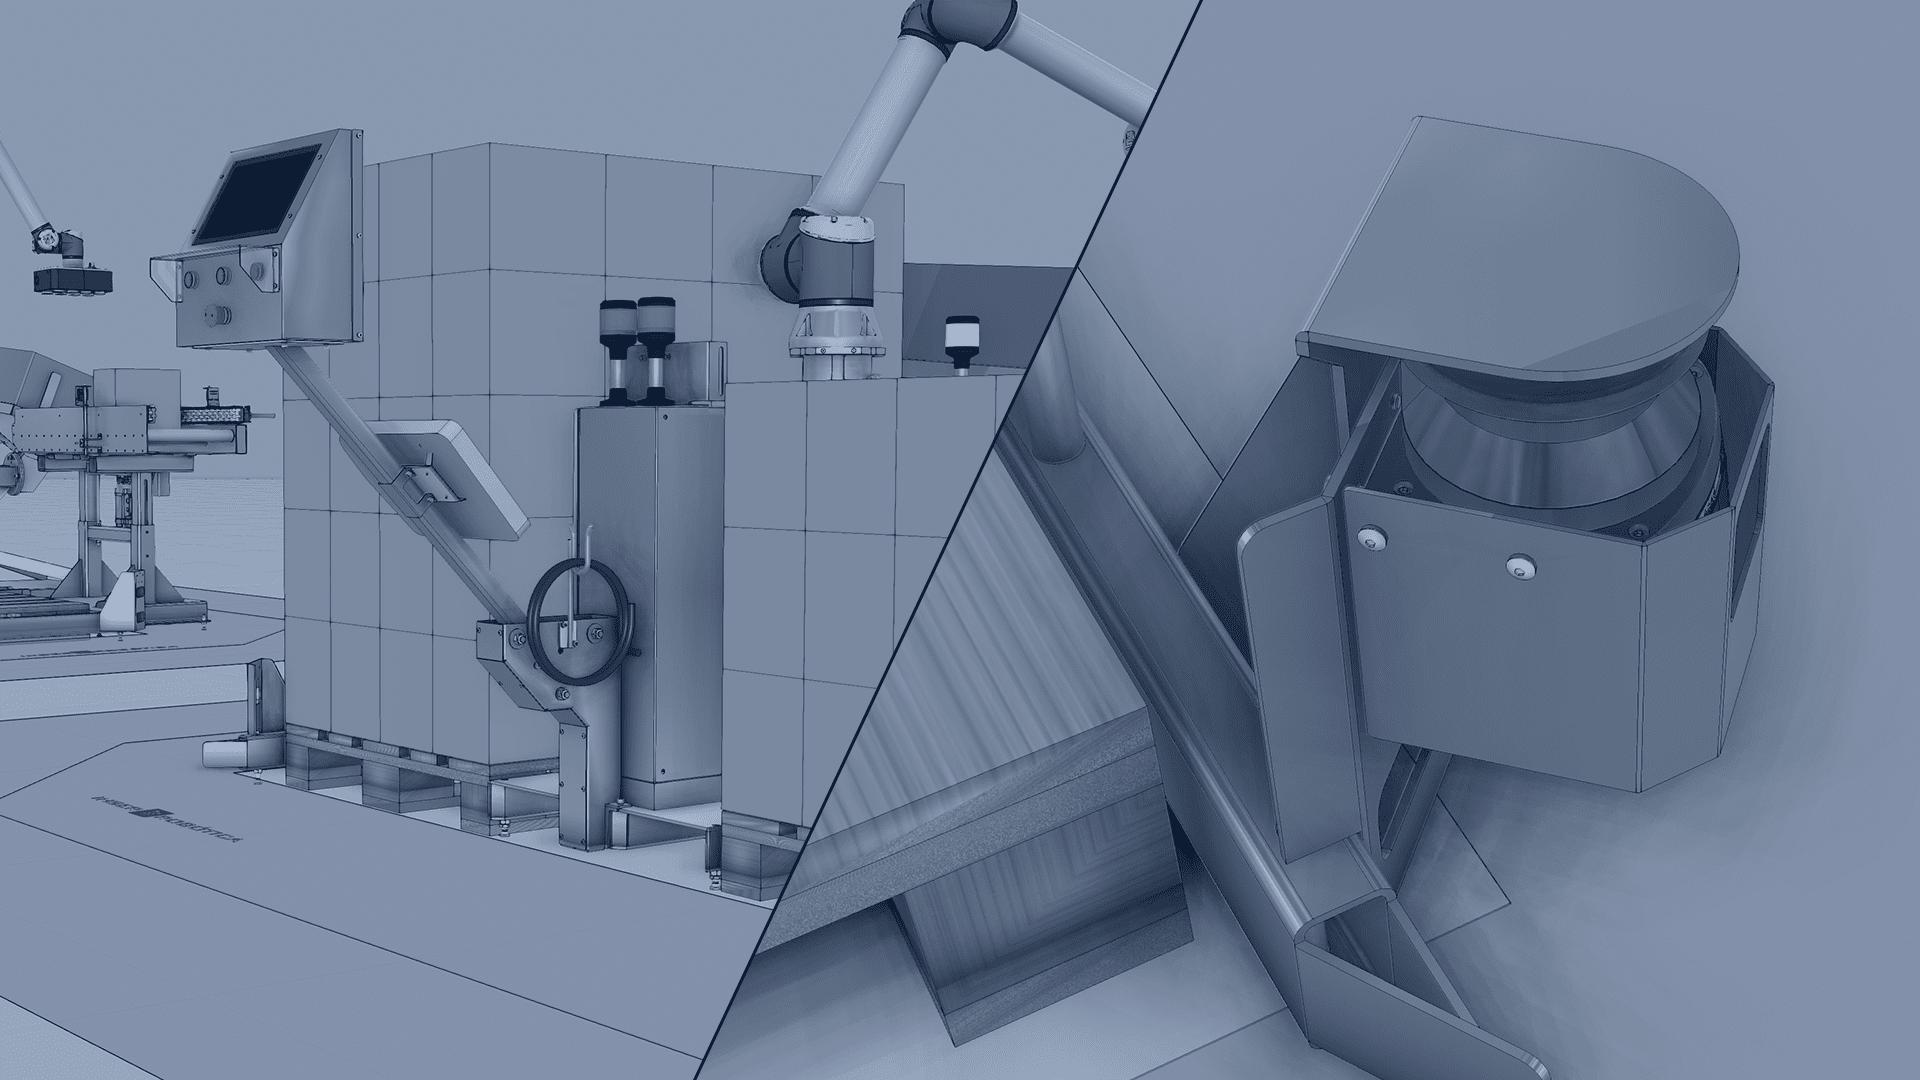 Escáner de seguridad